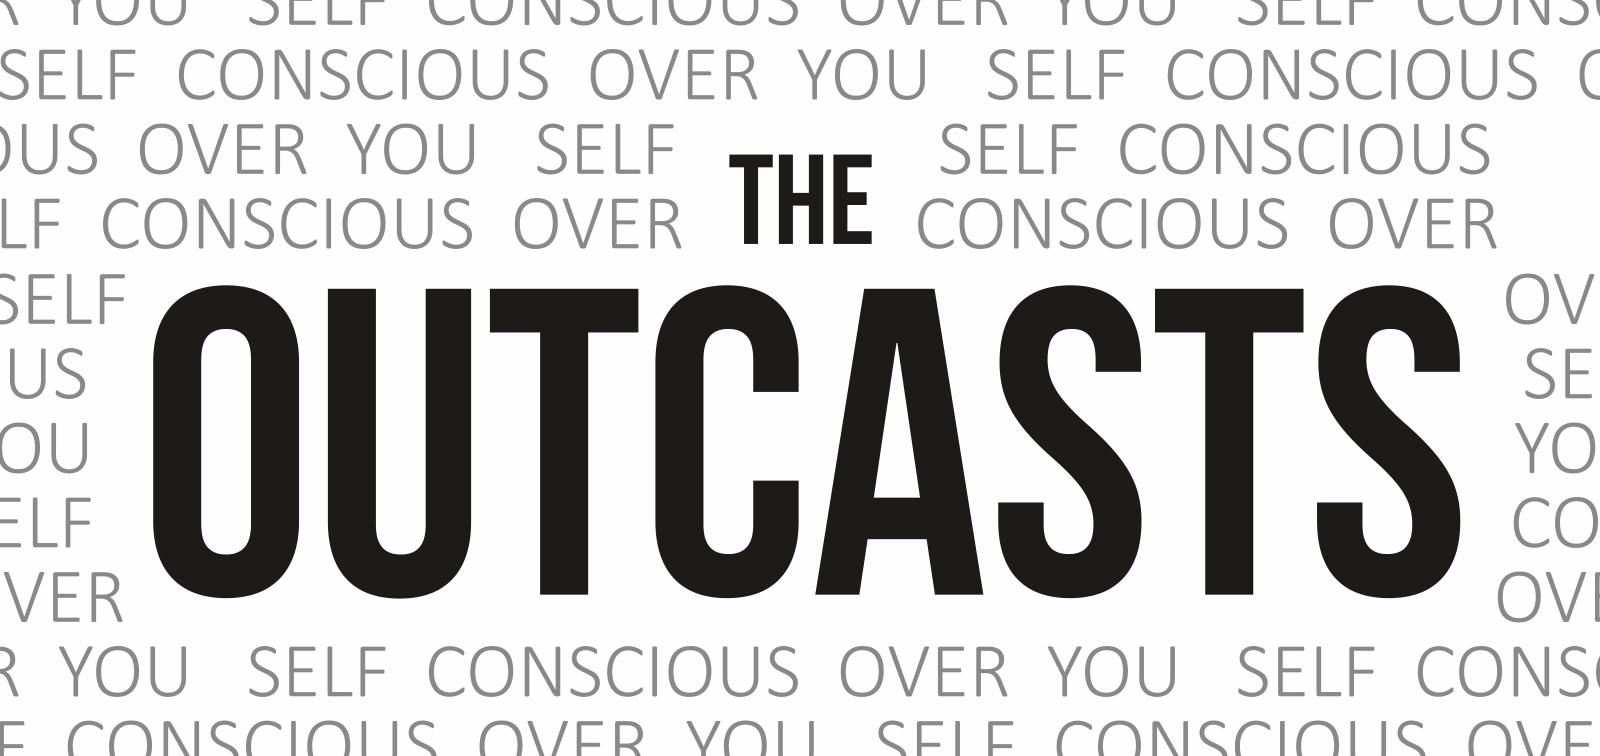 Outcasts